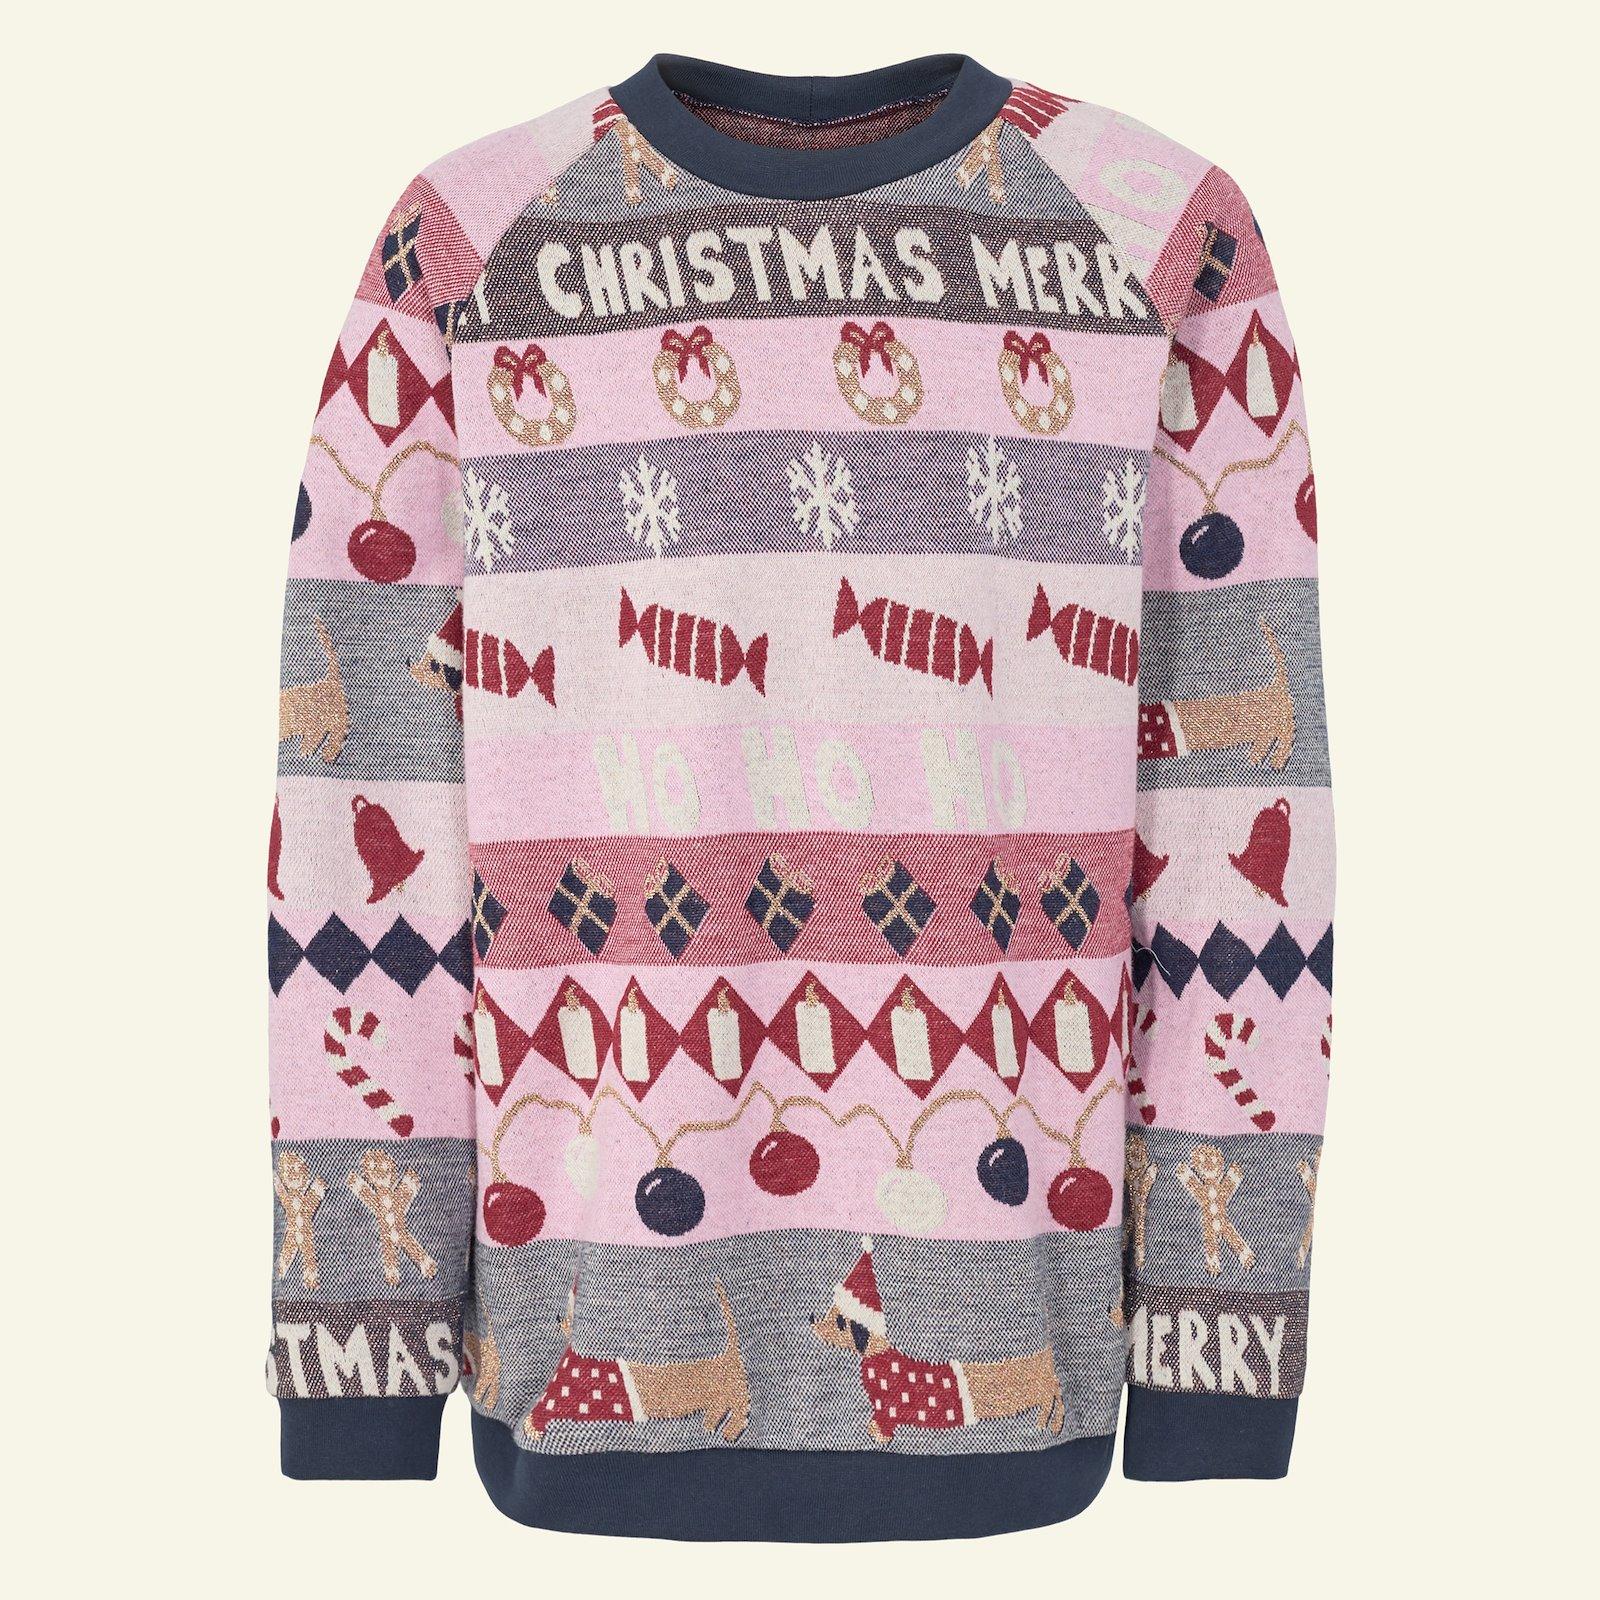 Sweatshirt with raglan sleeves, 98/3y p62015_203839_230639_sskit